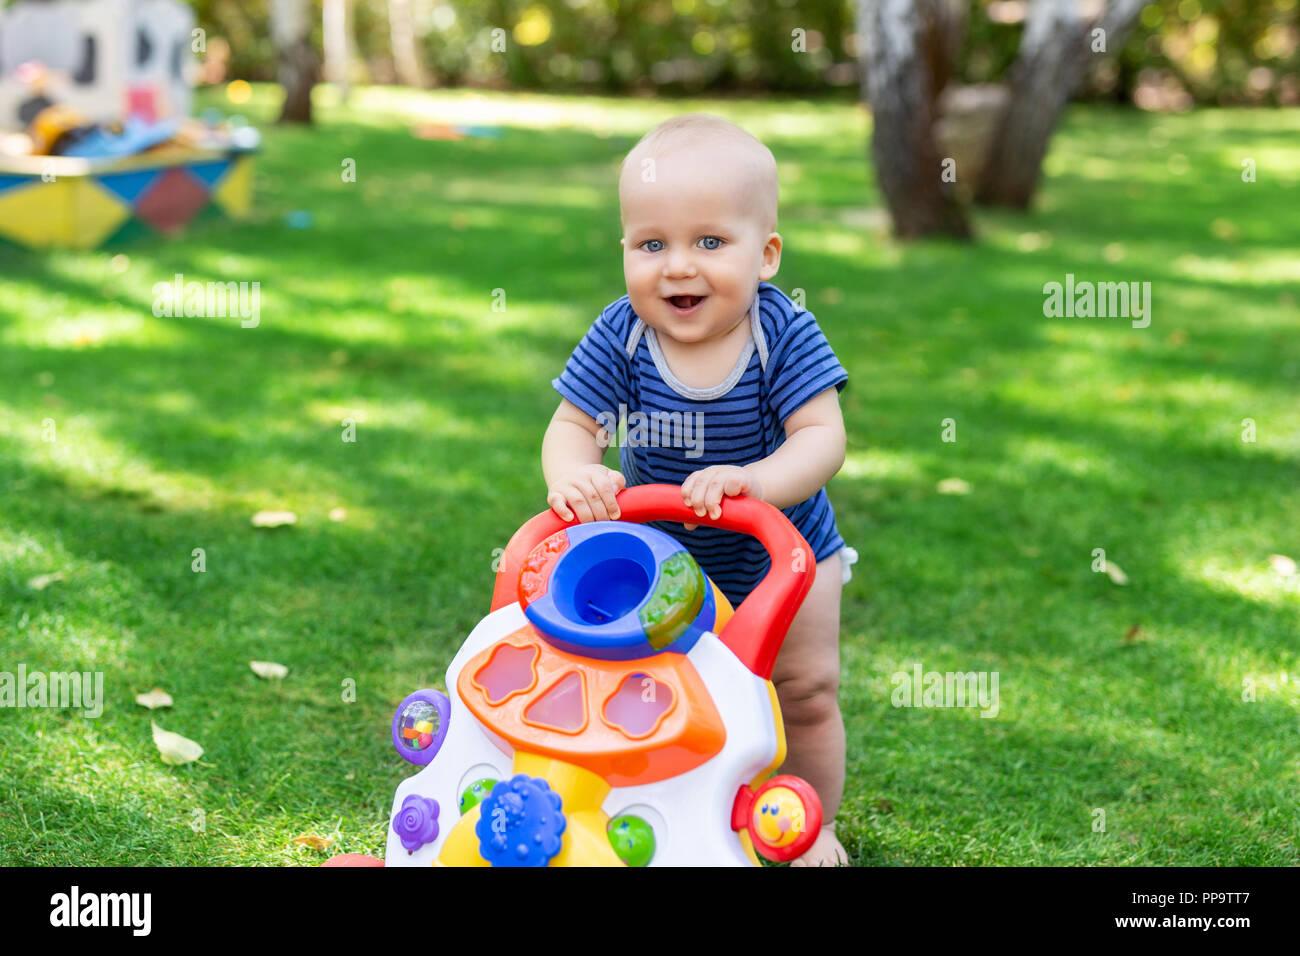 Cute little boy aprendiendo a caminar con andador toy en el verde césped en el patio. Bebé riendo y divirtiéndose haciendo primer paso al parque en día soleado en el exterior. Infancia feliz concepto Imagen De Stock